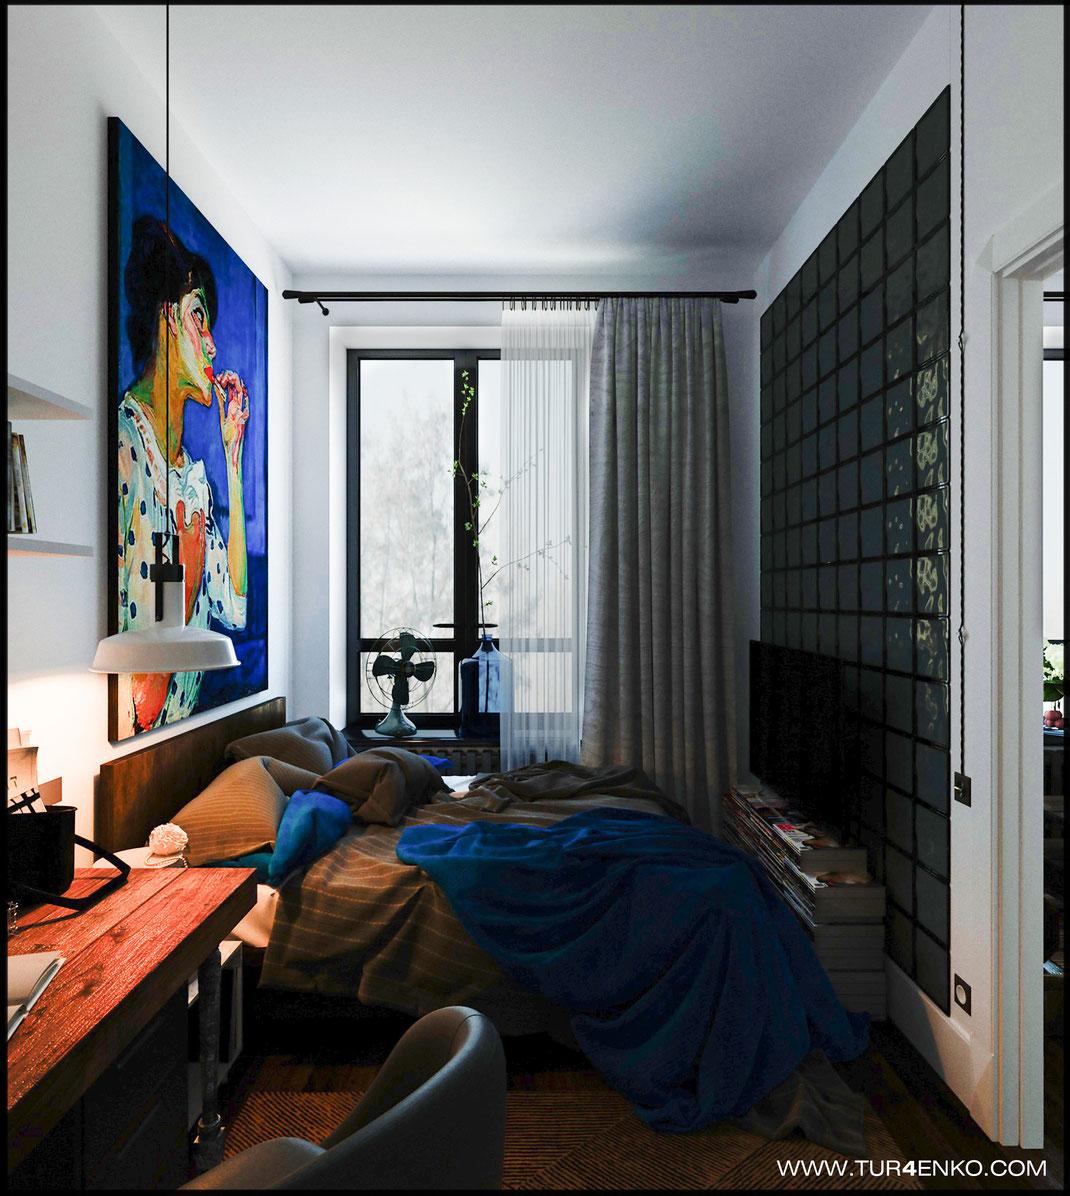 6 дизайн квартир Москва 89163172980 www.tur4enko.com